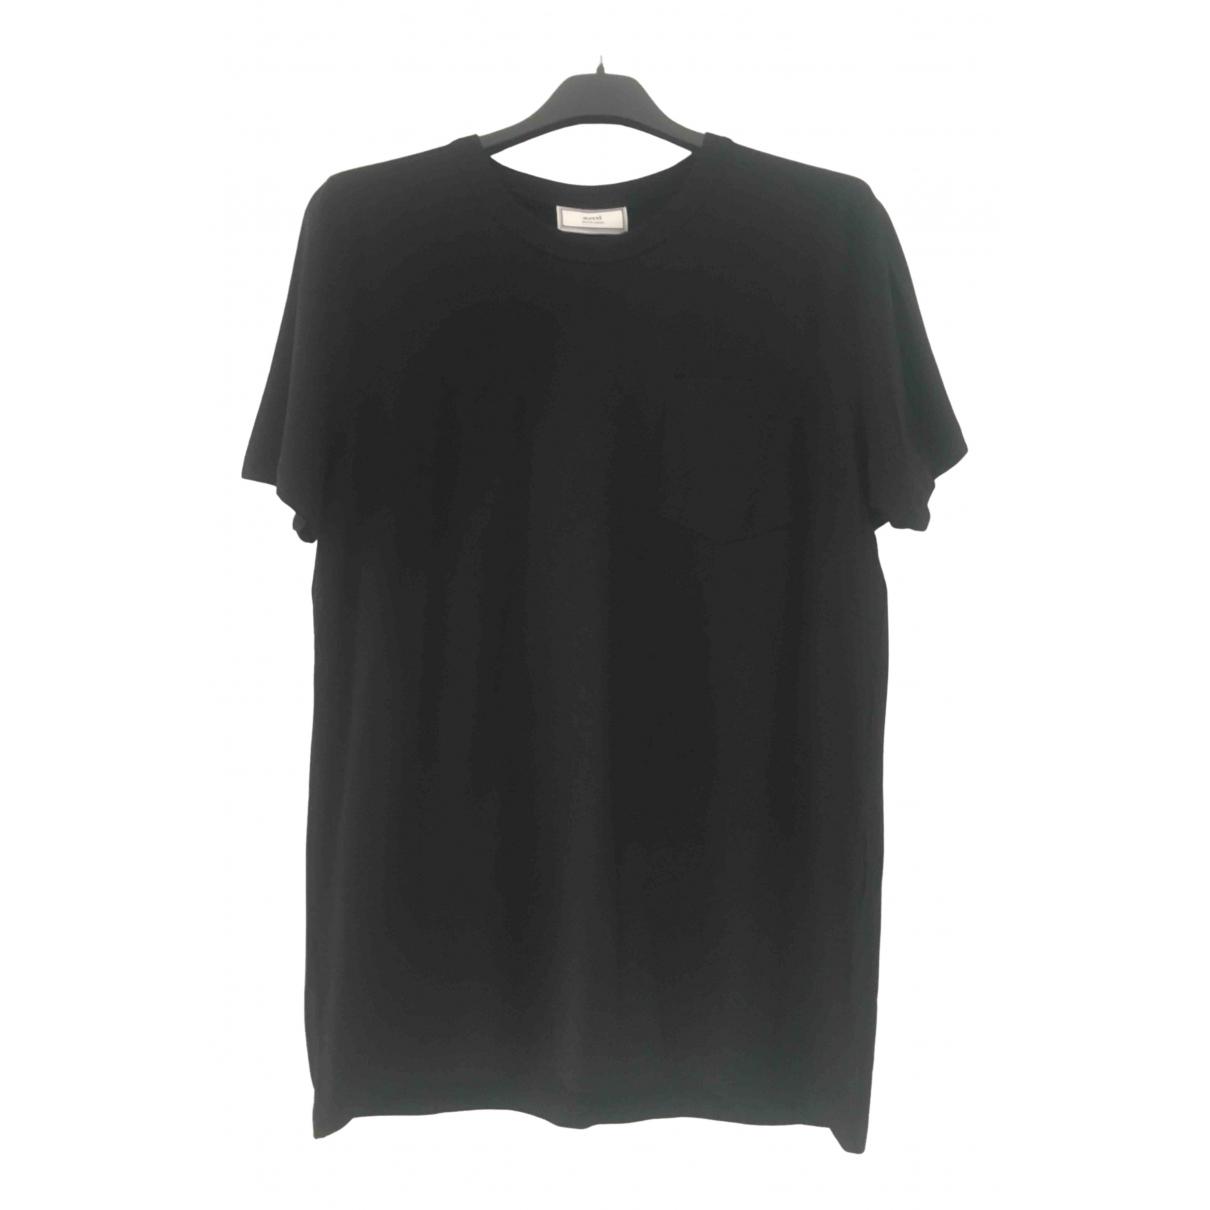 Ami - Tee shirts   pour homme en coton - noir